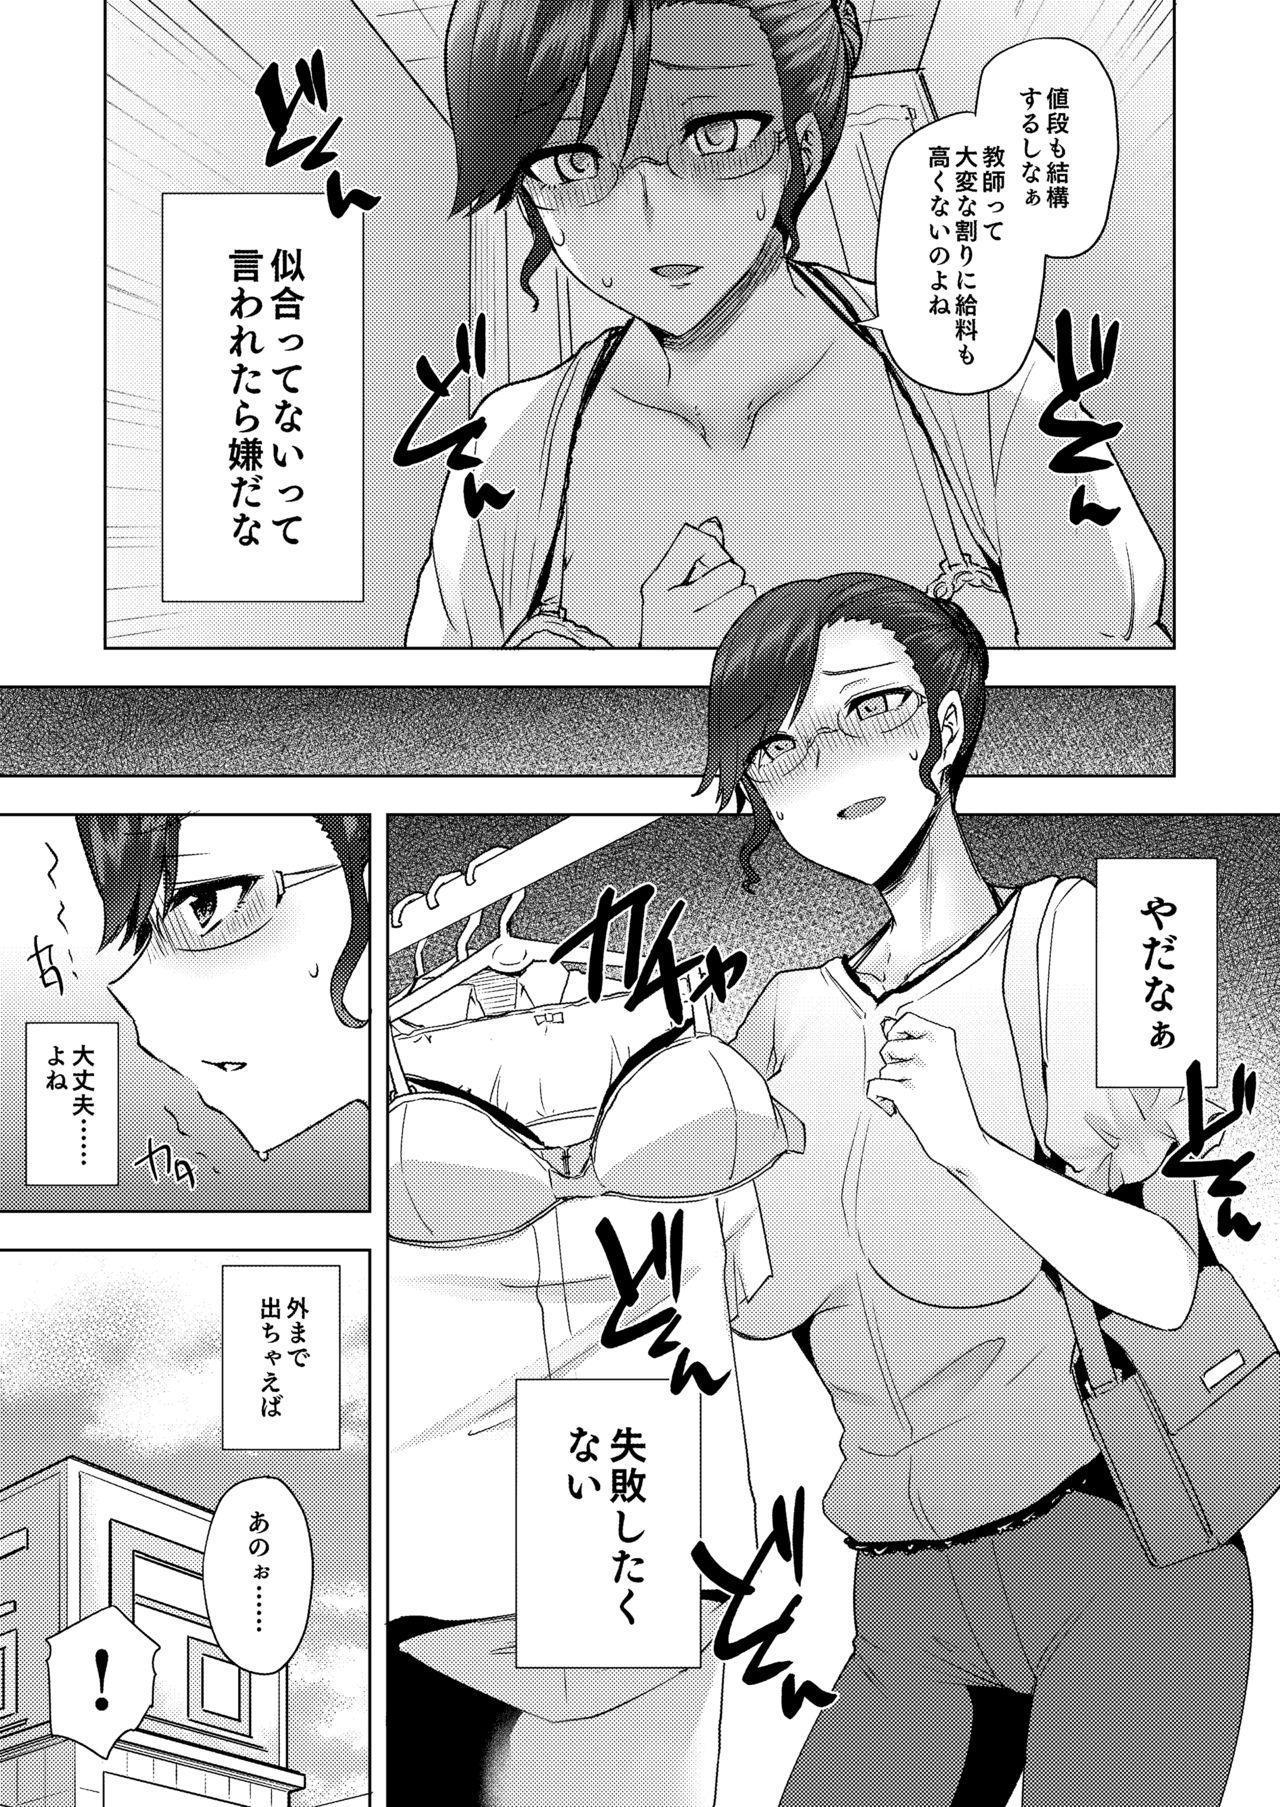 Watashi ga Manbiki o Shita Wake o Kiite Kudasai 2 5